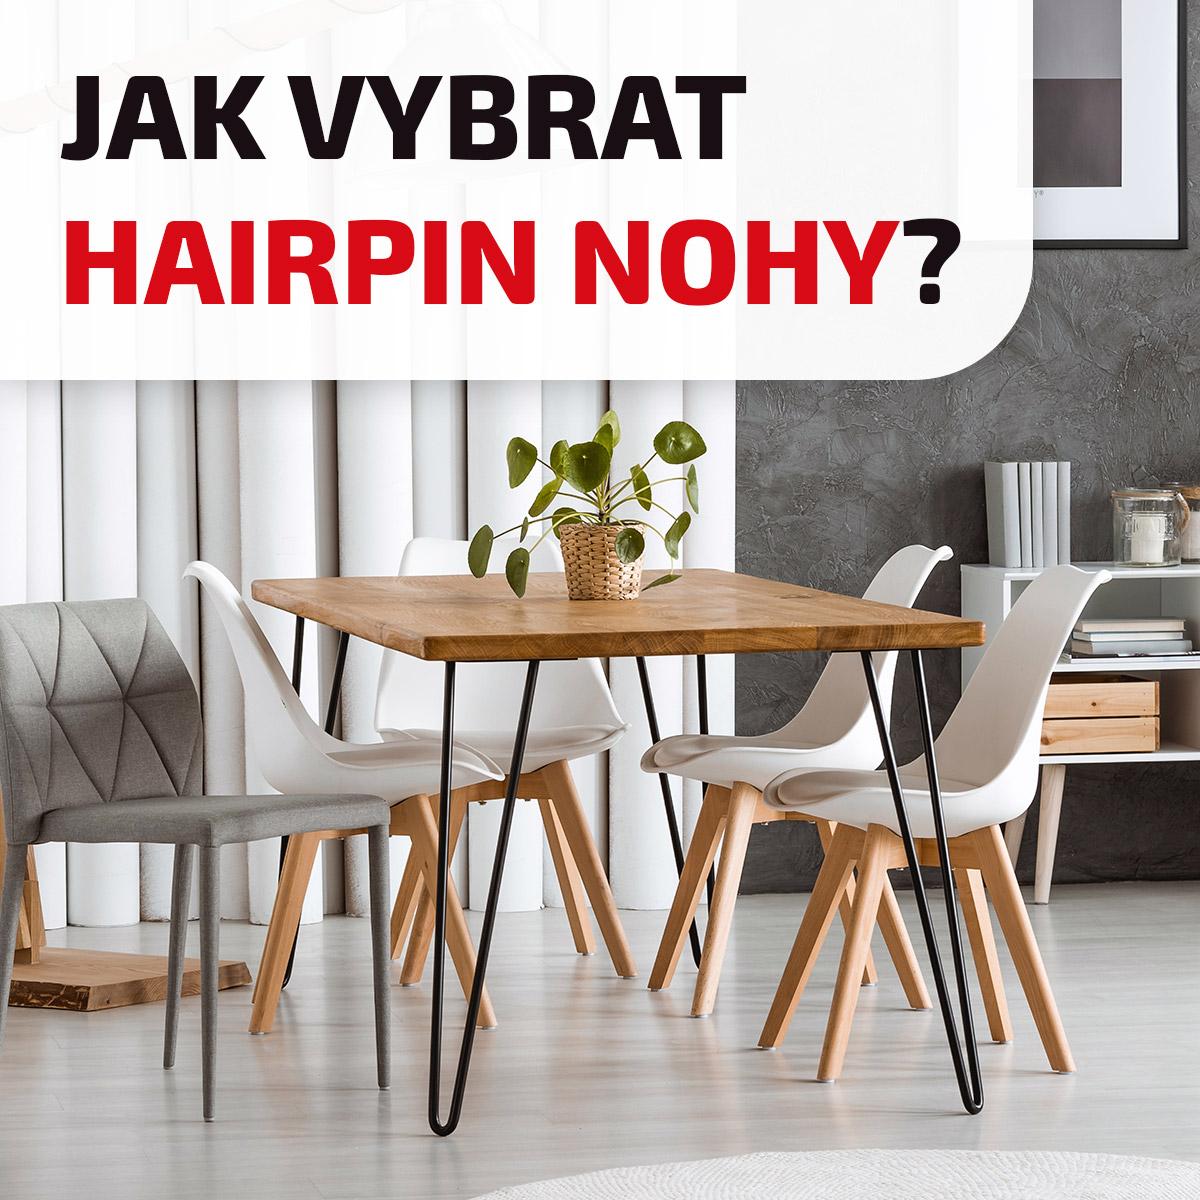 Co jsou Hairpin nohy a jak vybrat správnou velikost?